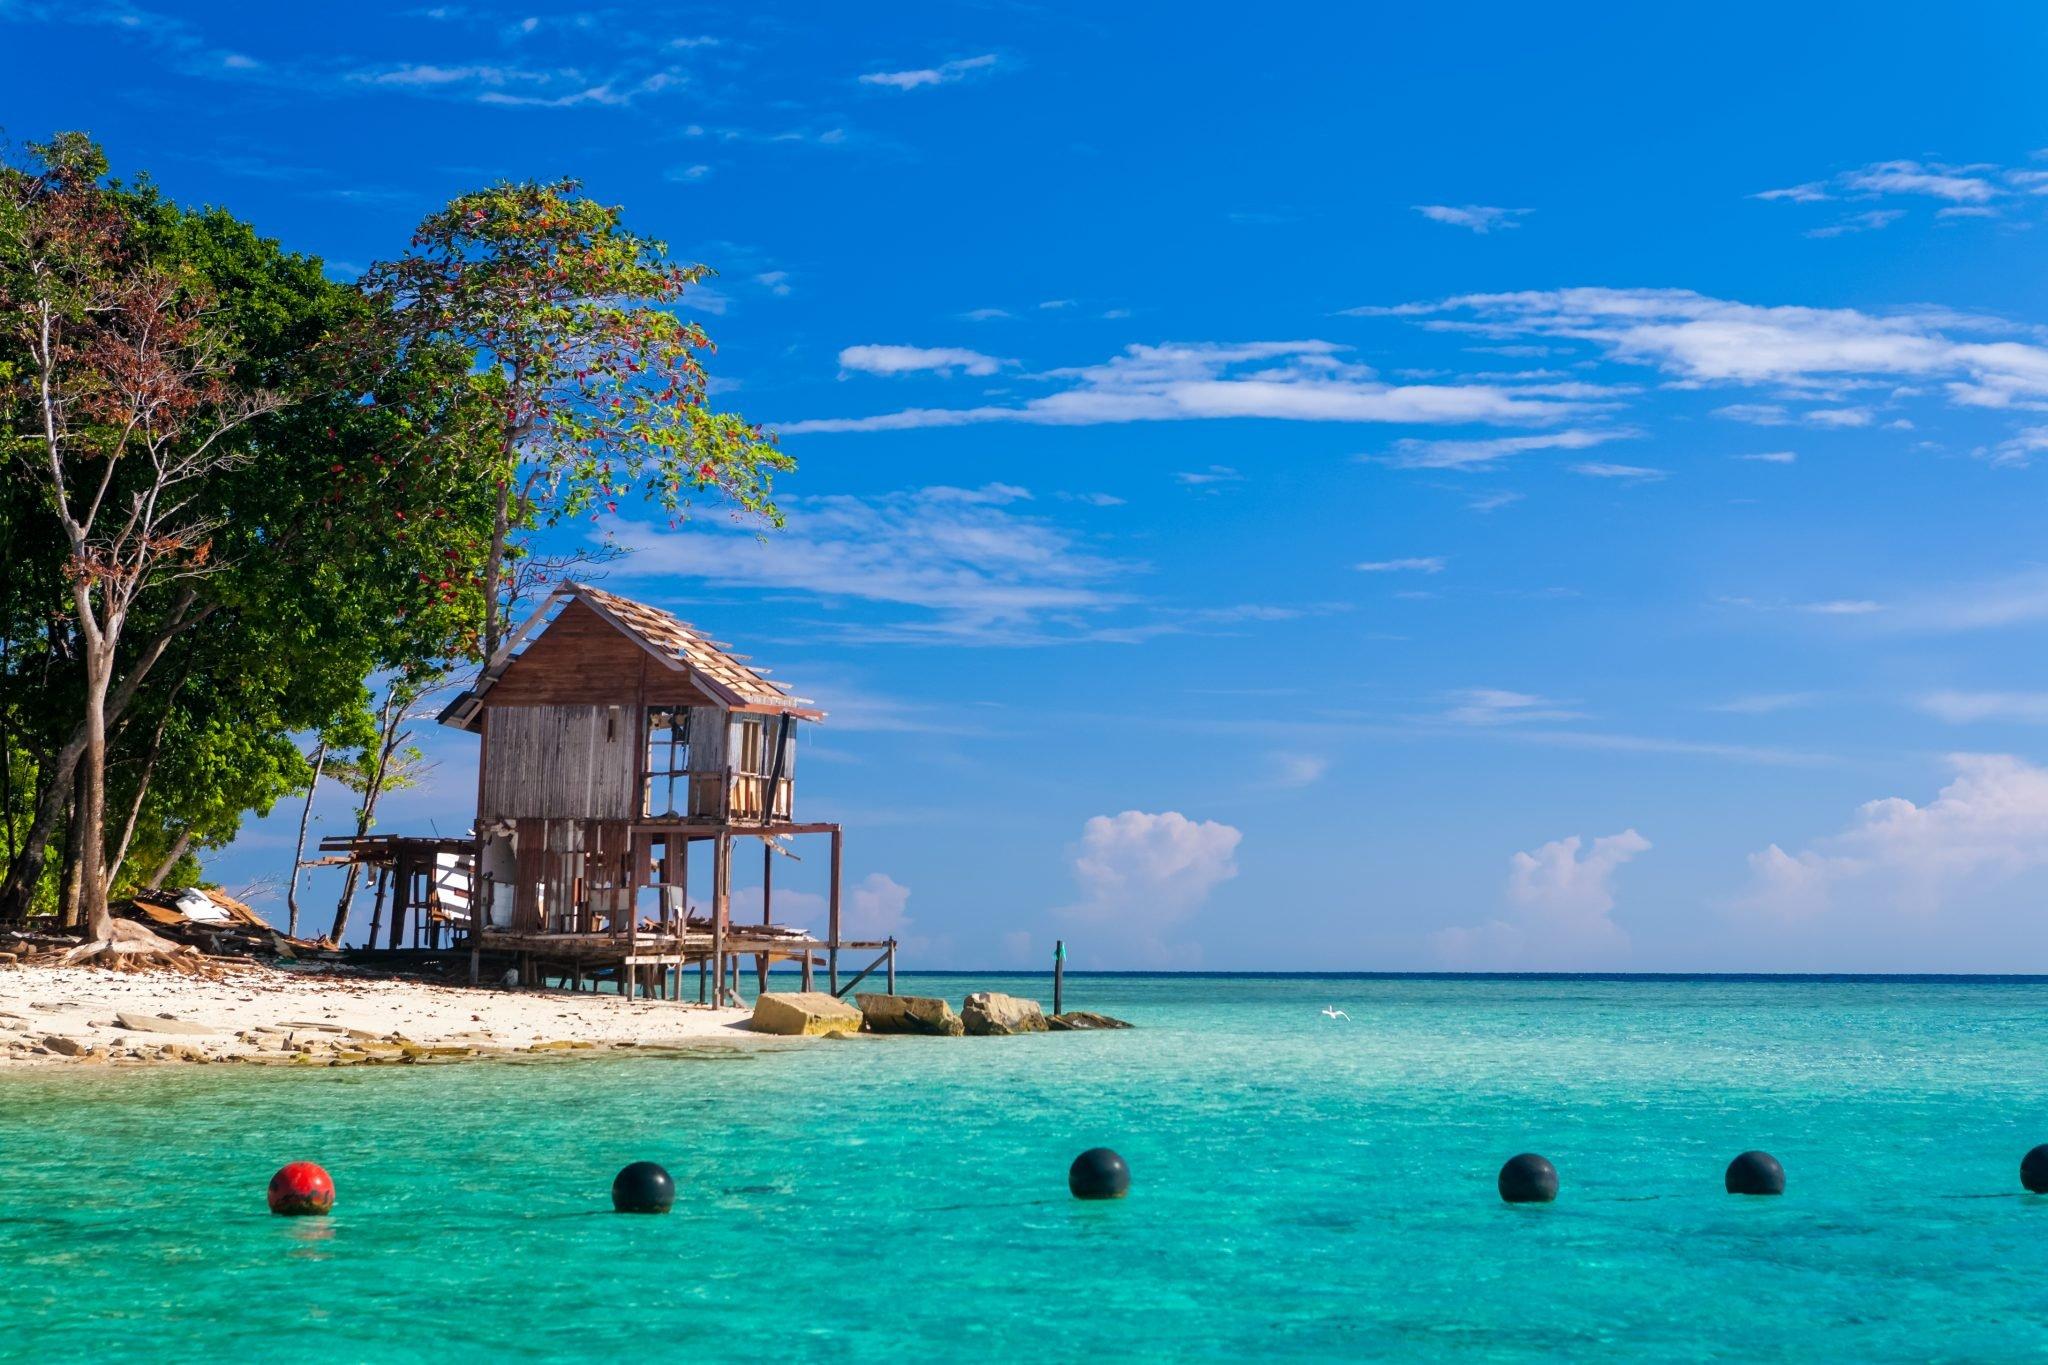 Beaches & diving